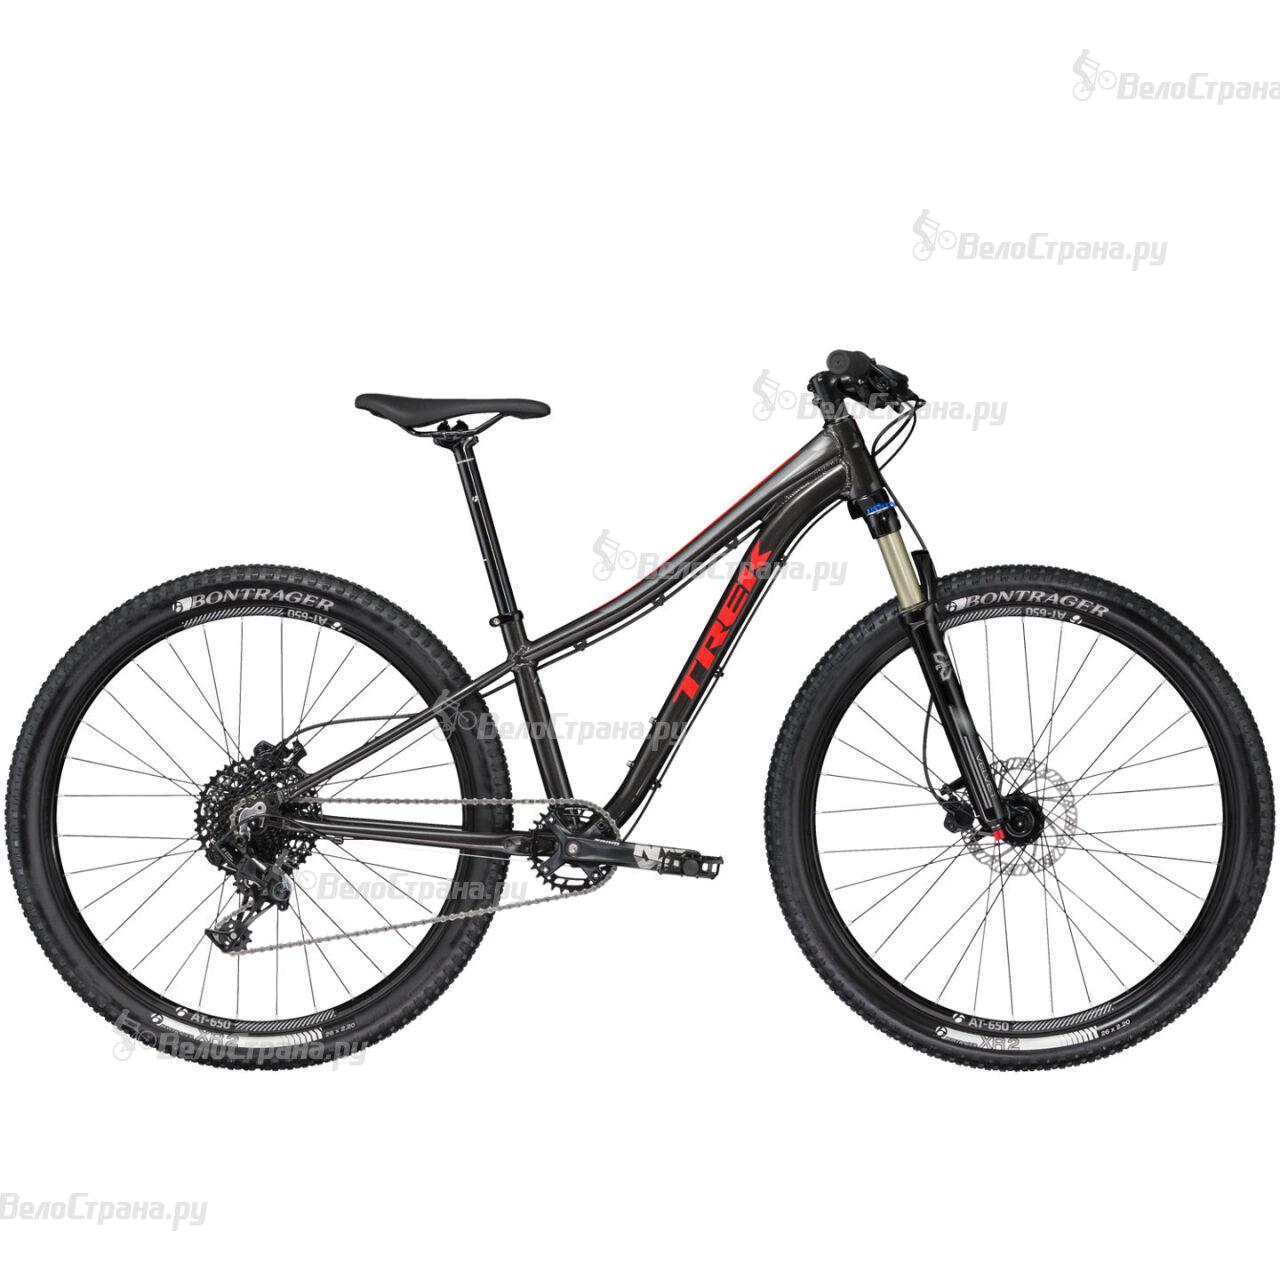 Велосипед Trek Superfly 26 (2017)